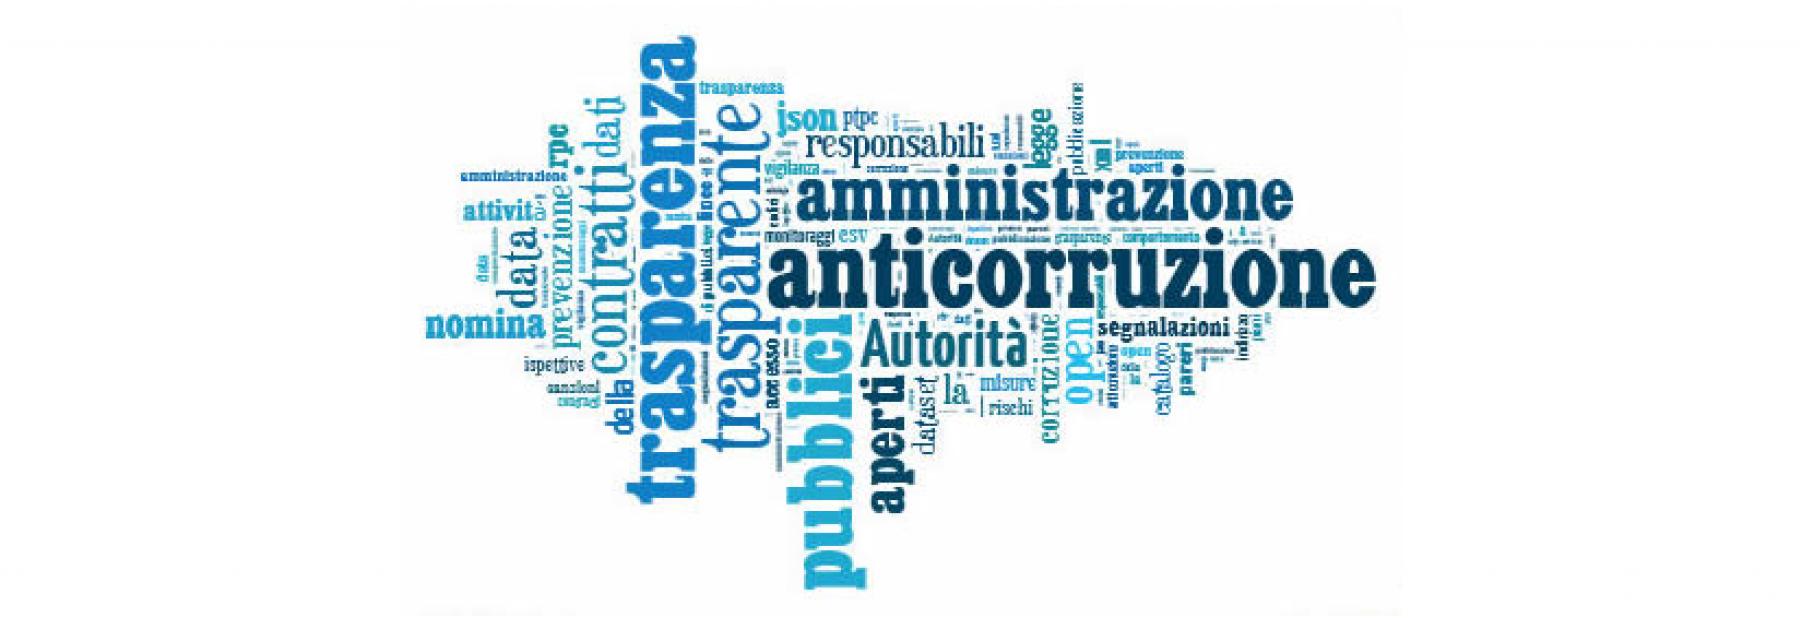 Anticorruzione_trasparenza